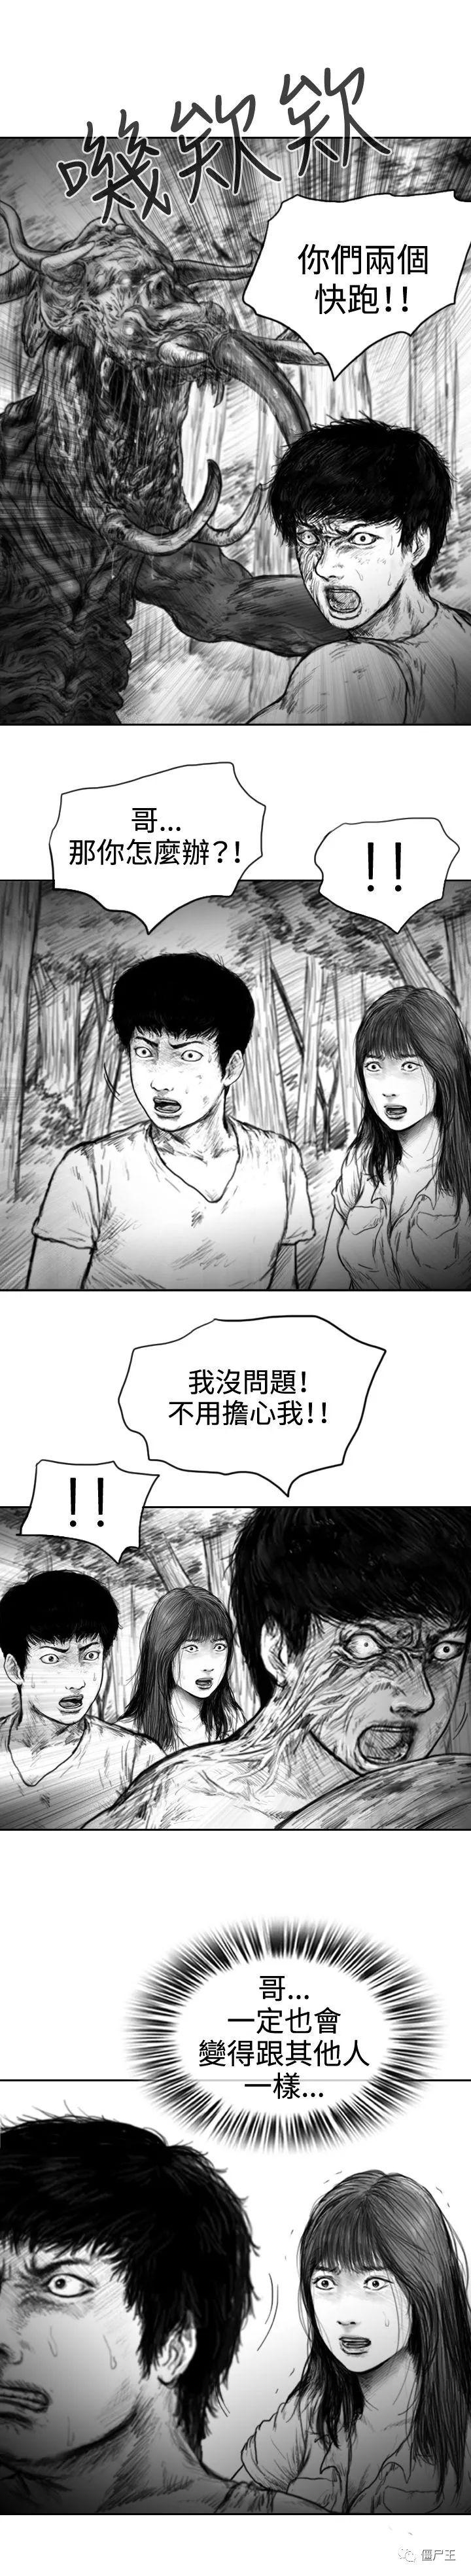 恐怖漫画:《怪牲2》51至55话-僵尸王